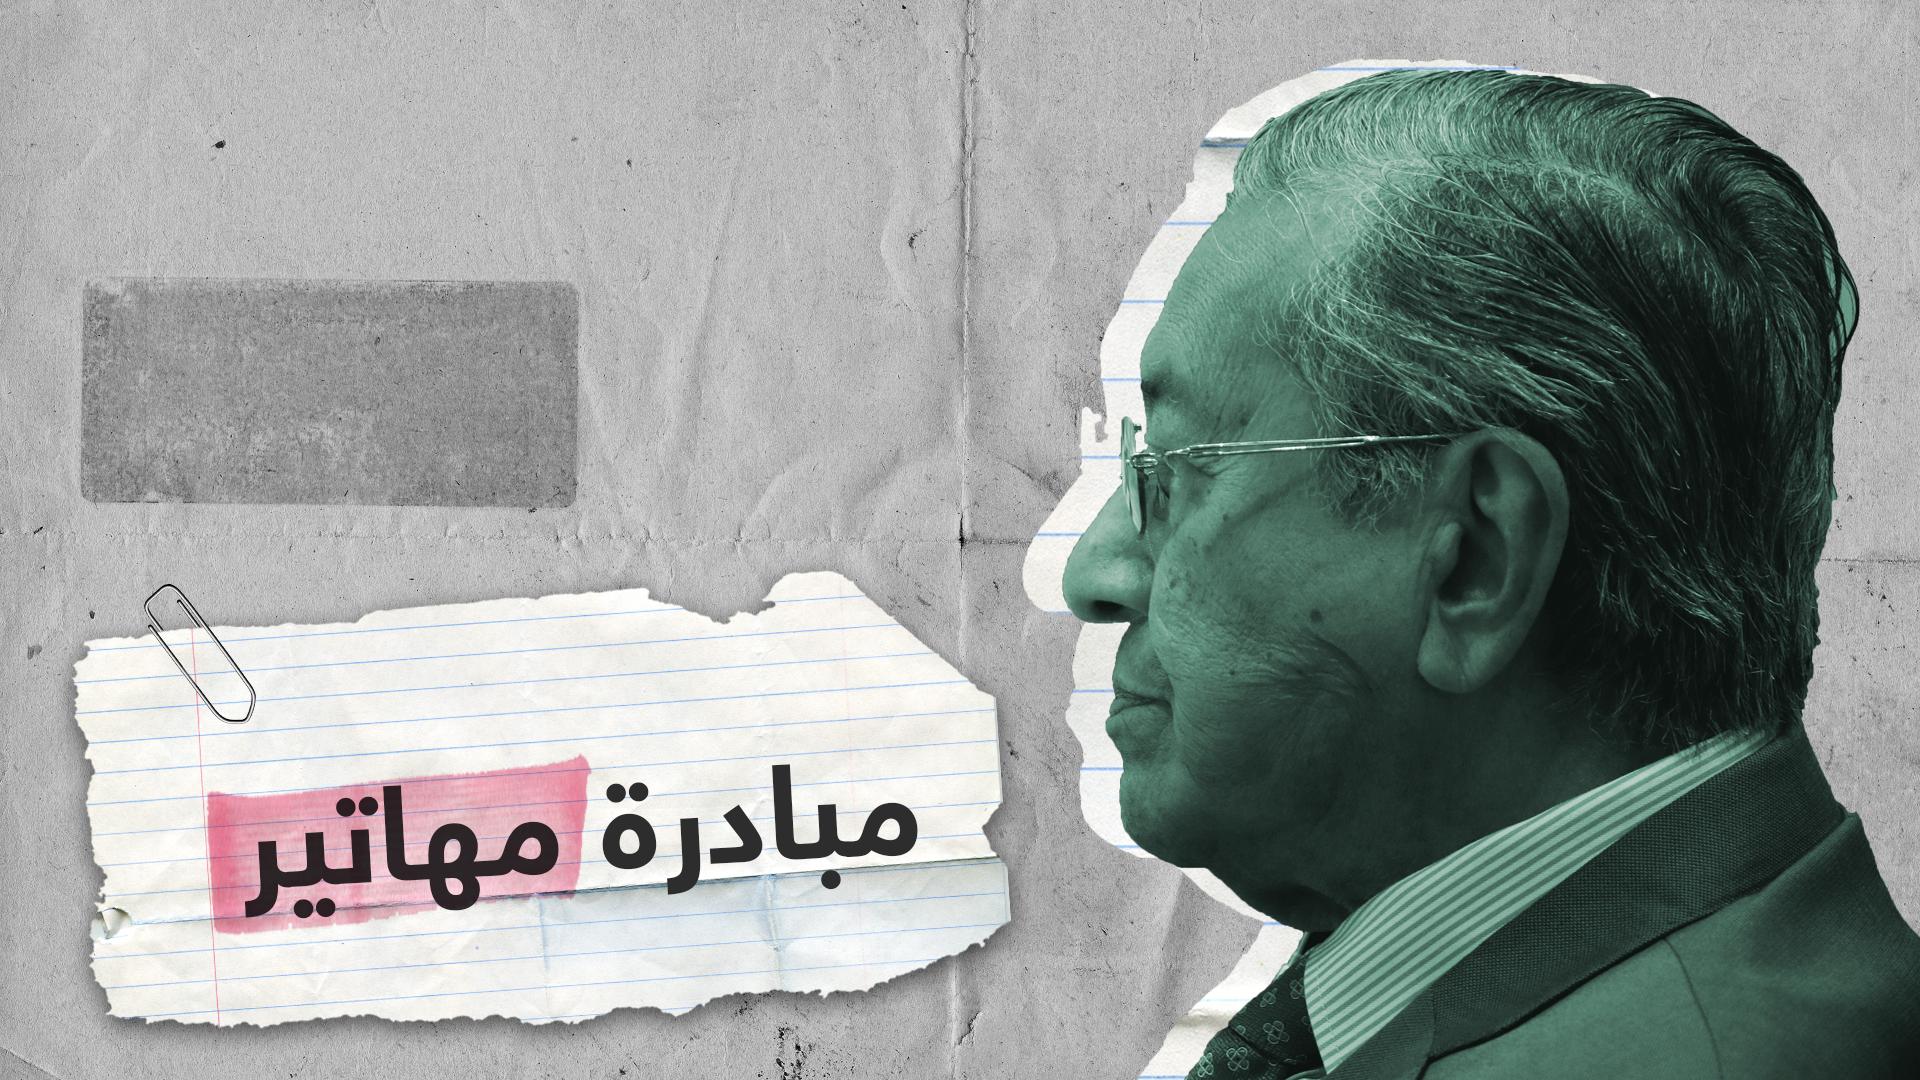 زعيم ماليزيا مهاتير محمد يطرح مباردة